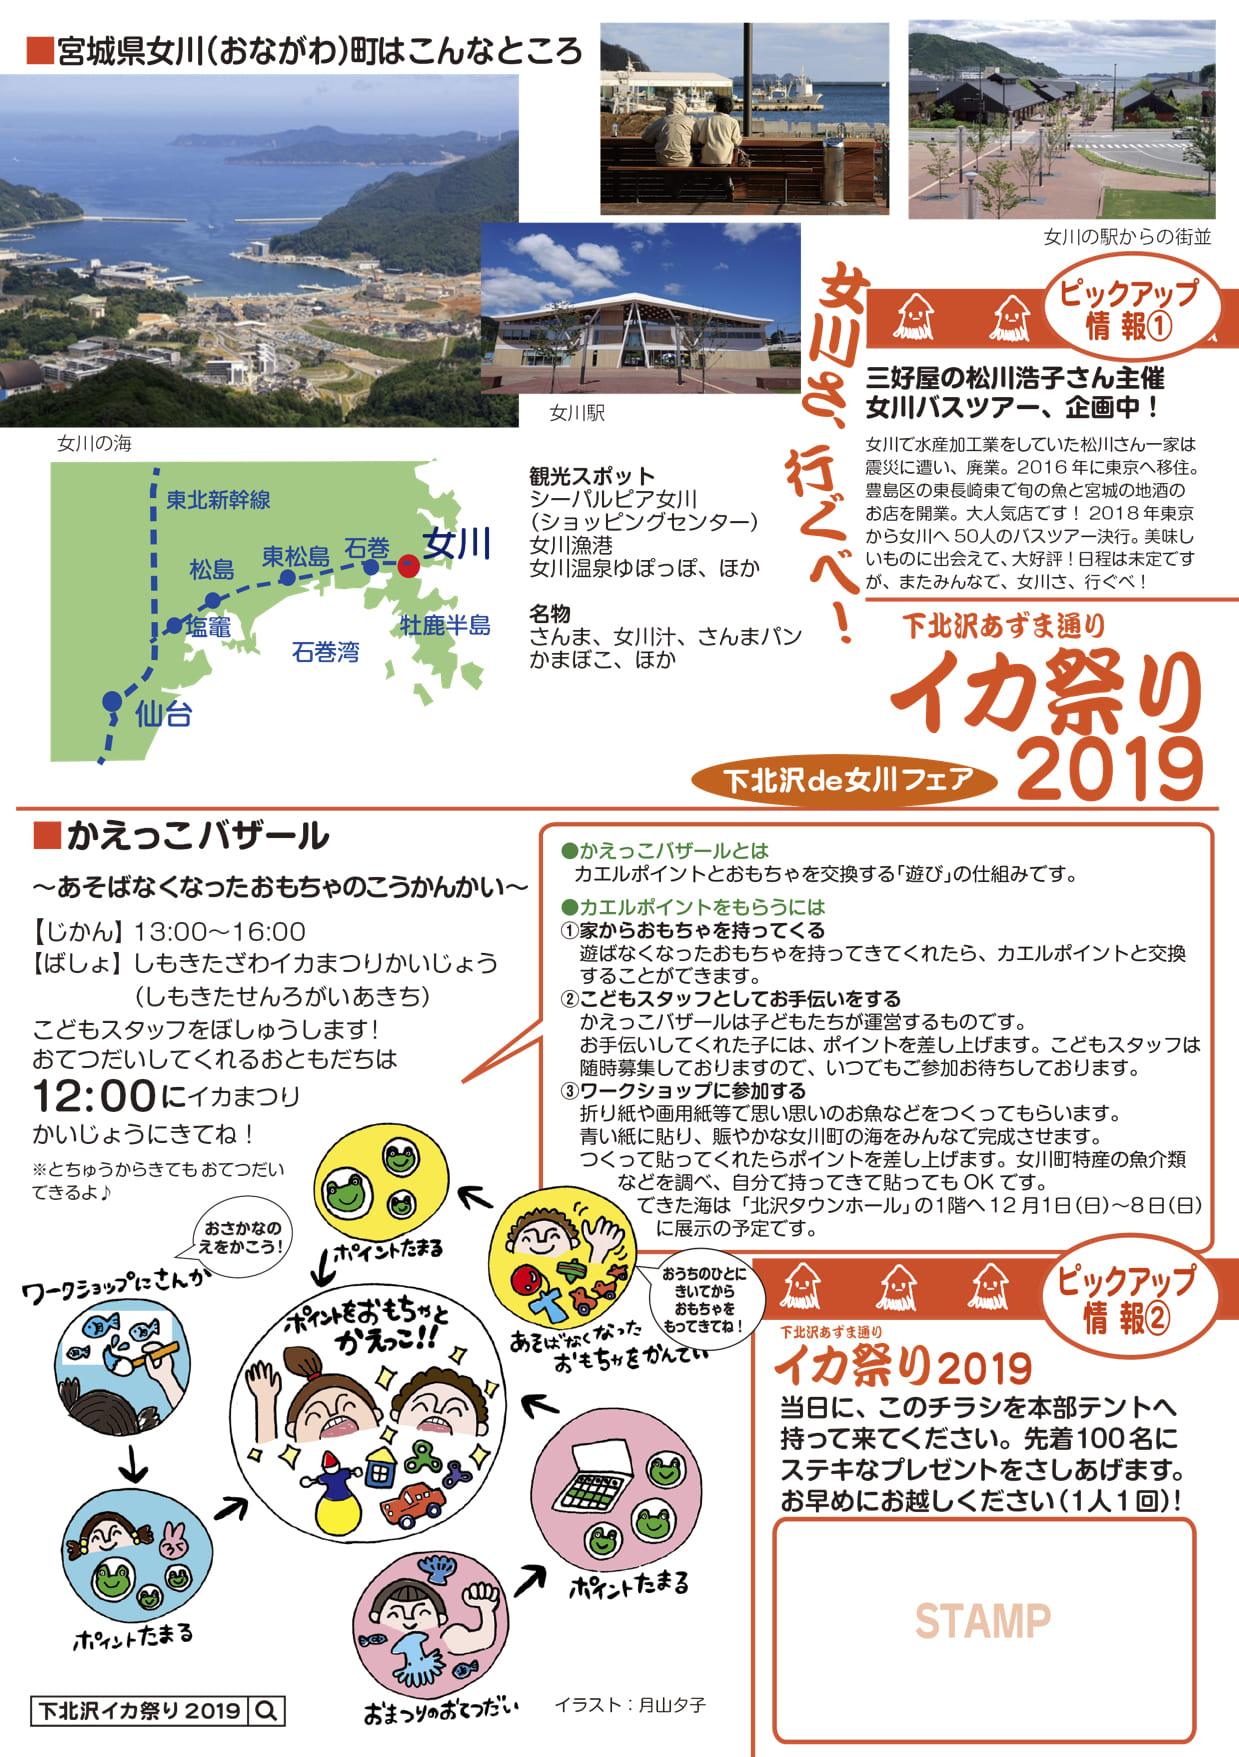 イカ祭り2019 ~下北沢de女川フェア~